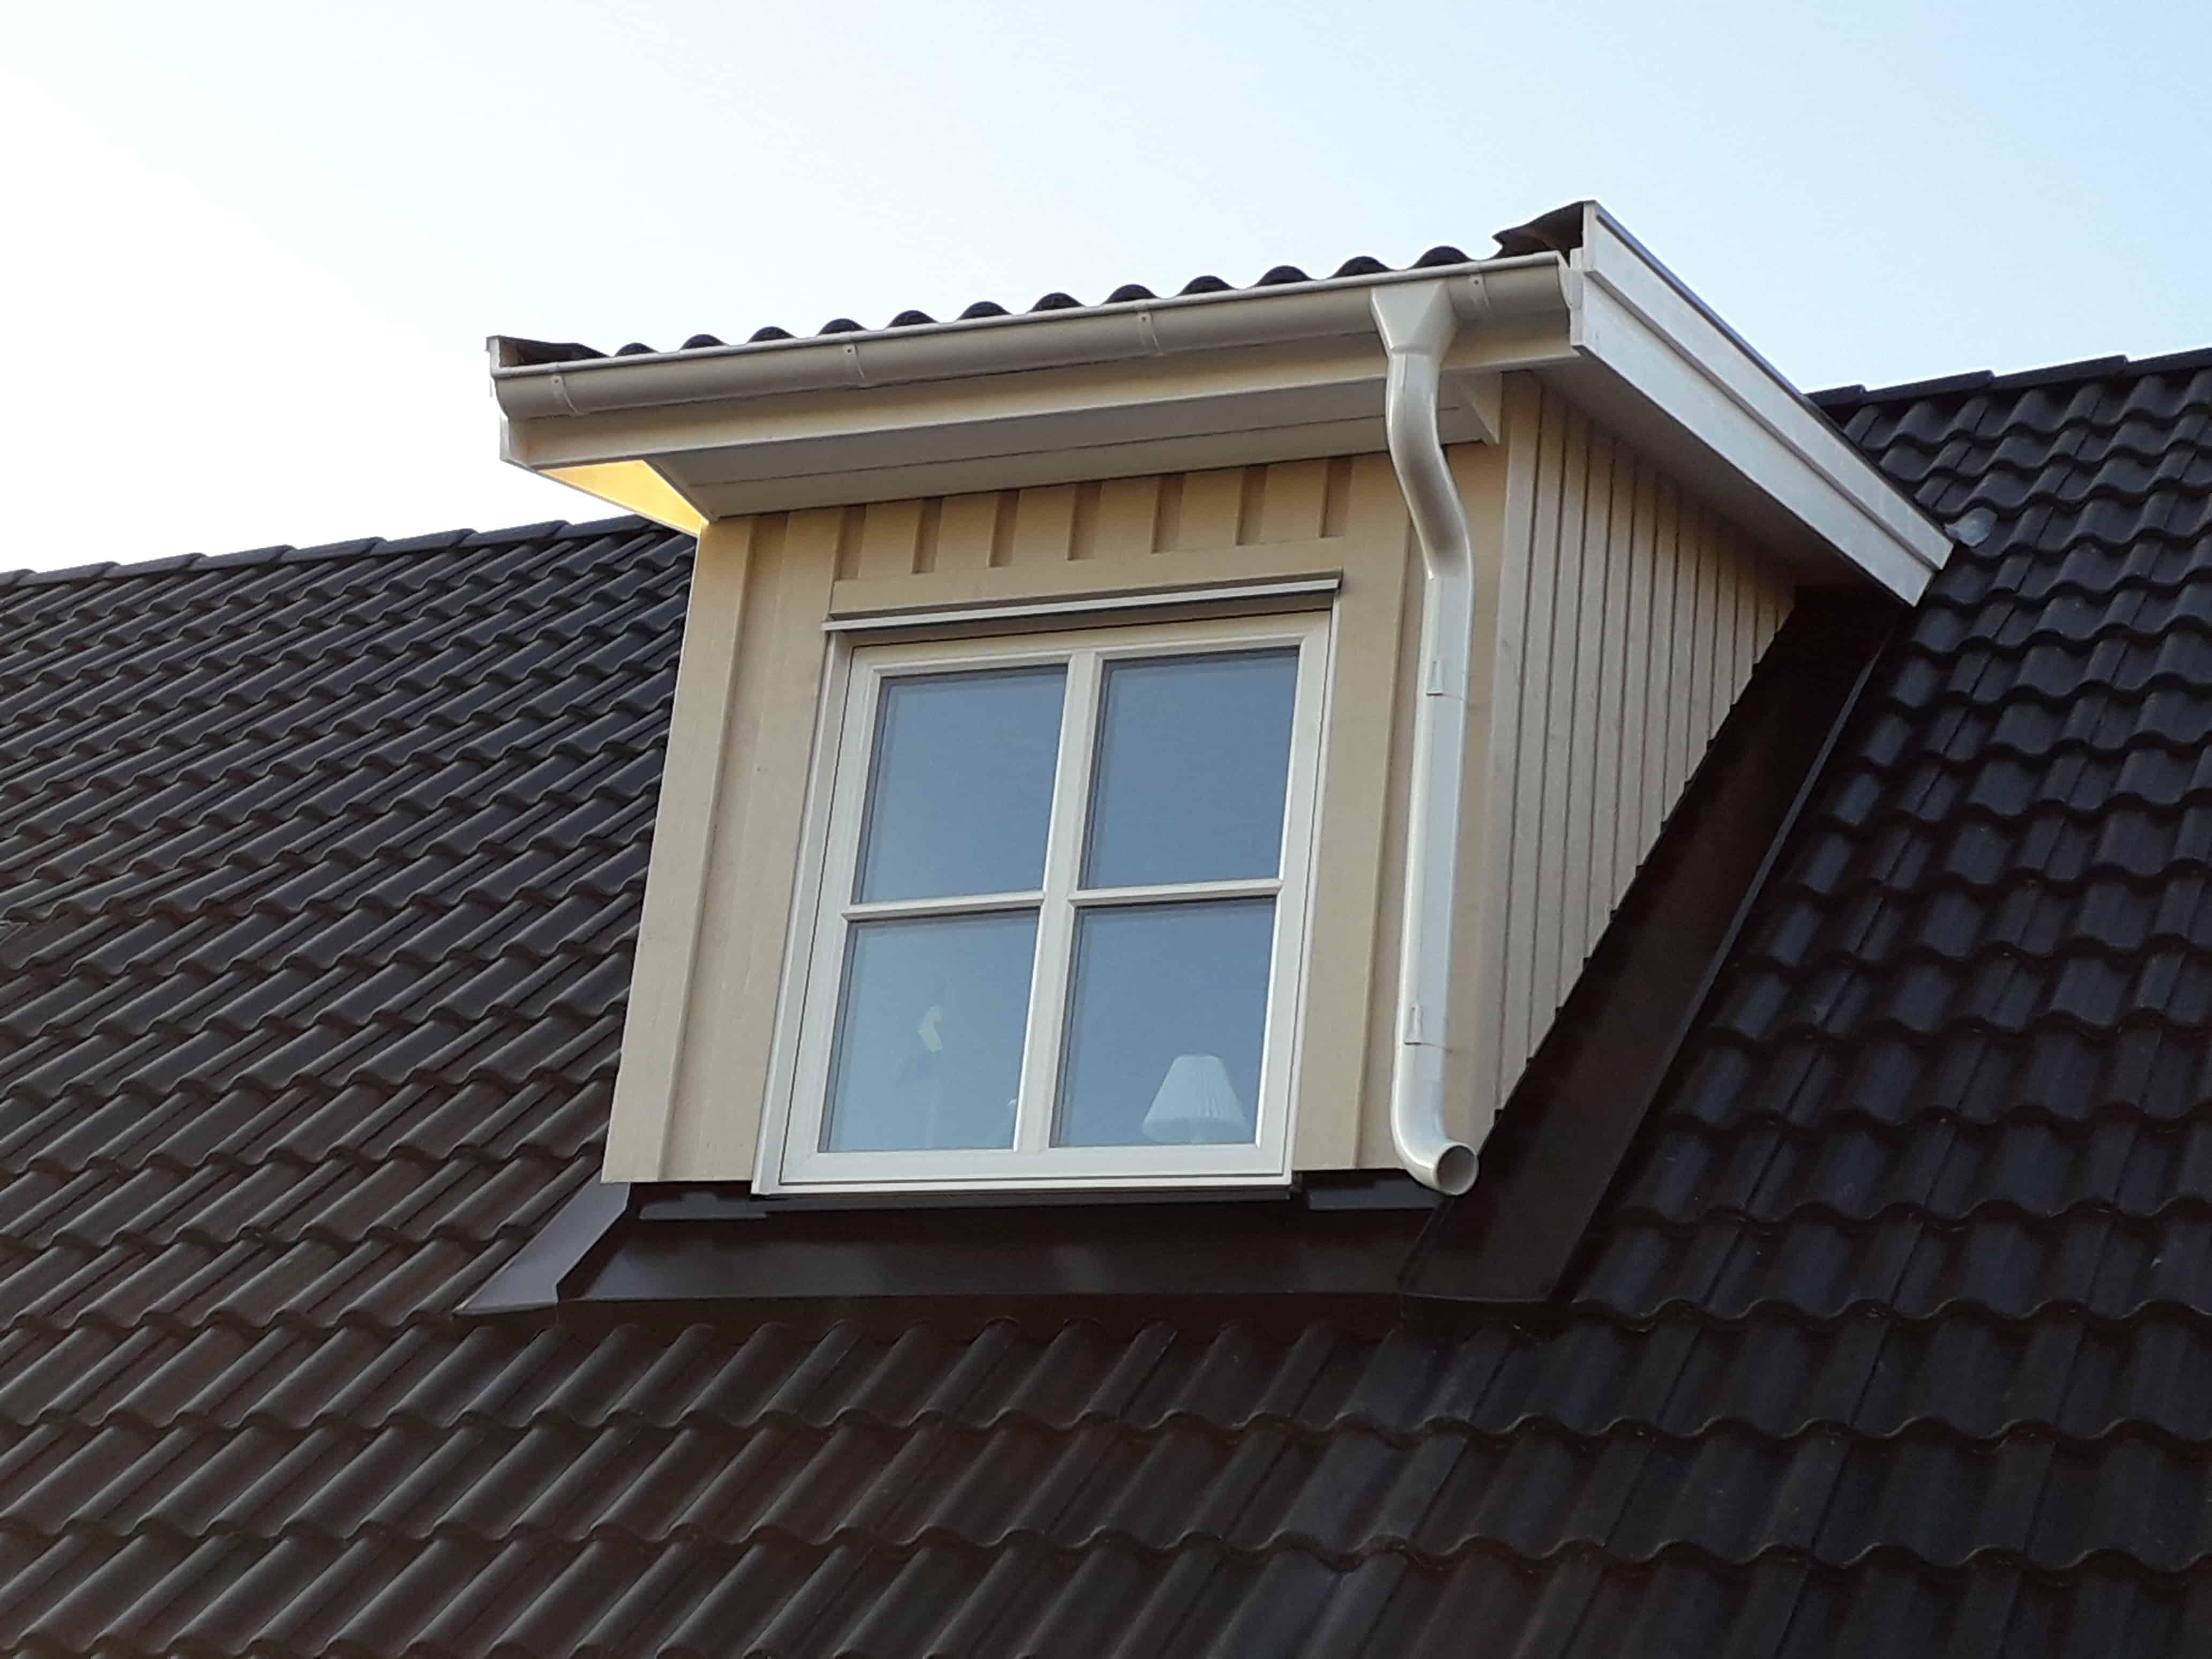 """Referensjobb """"Takfönster"""" utfört av Mikael Fogelbergs Byggnadsfirma i Mullsjö"""